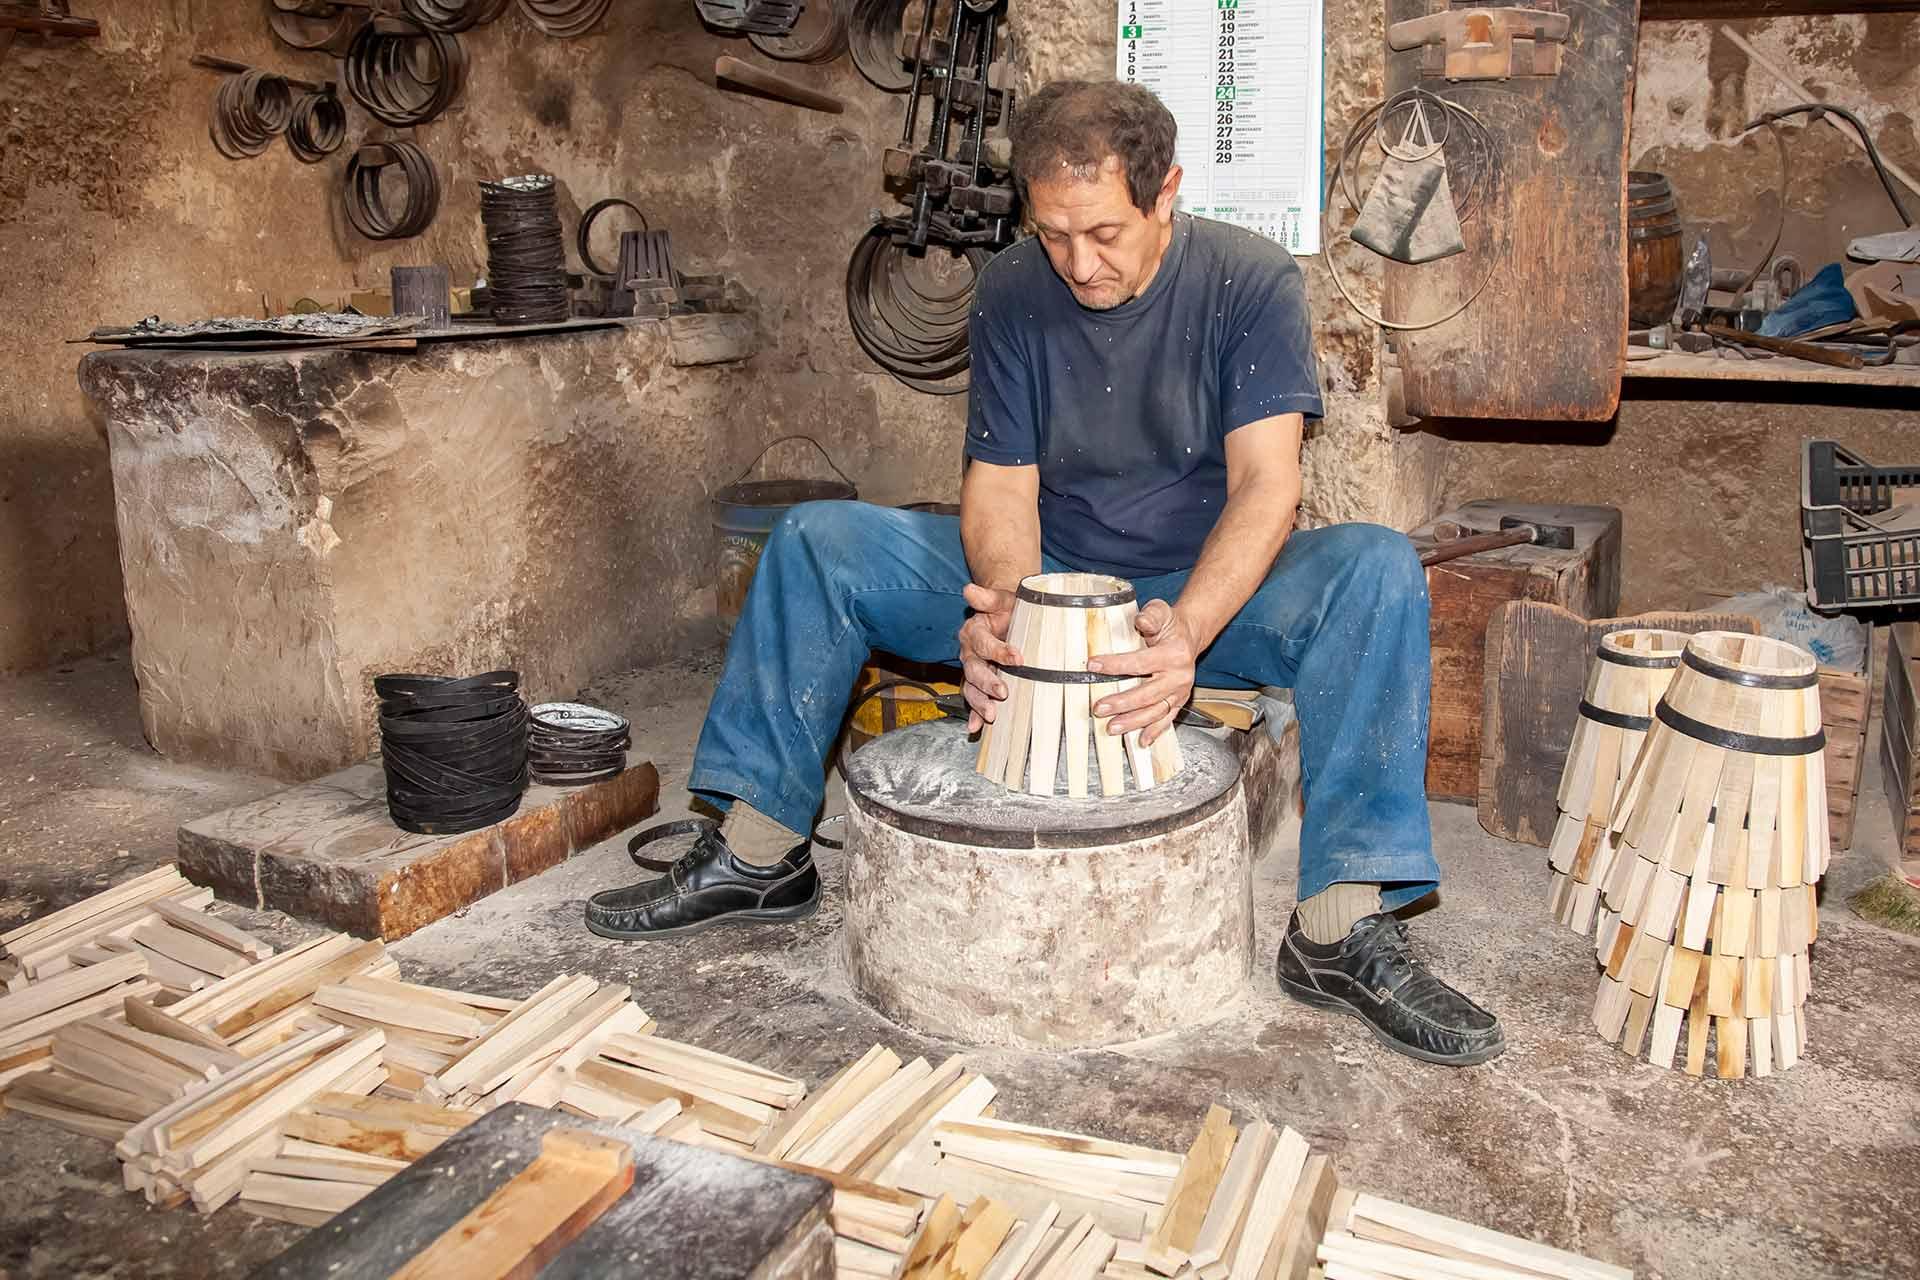 """L'atelier """"Artigiani Bottai"""" est un espace intemporel qui ouvre les portes d'un monde o? la relation entre le producteur et le produit est v?ritablement exclusive. Je salue et quitte lentement la boutique en pensant: vive les artisans!"""